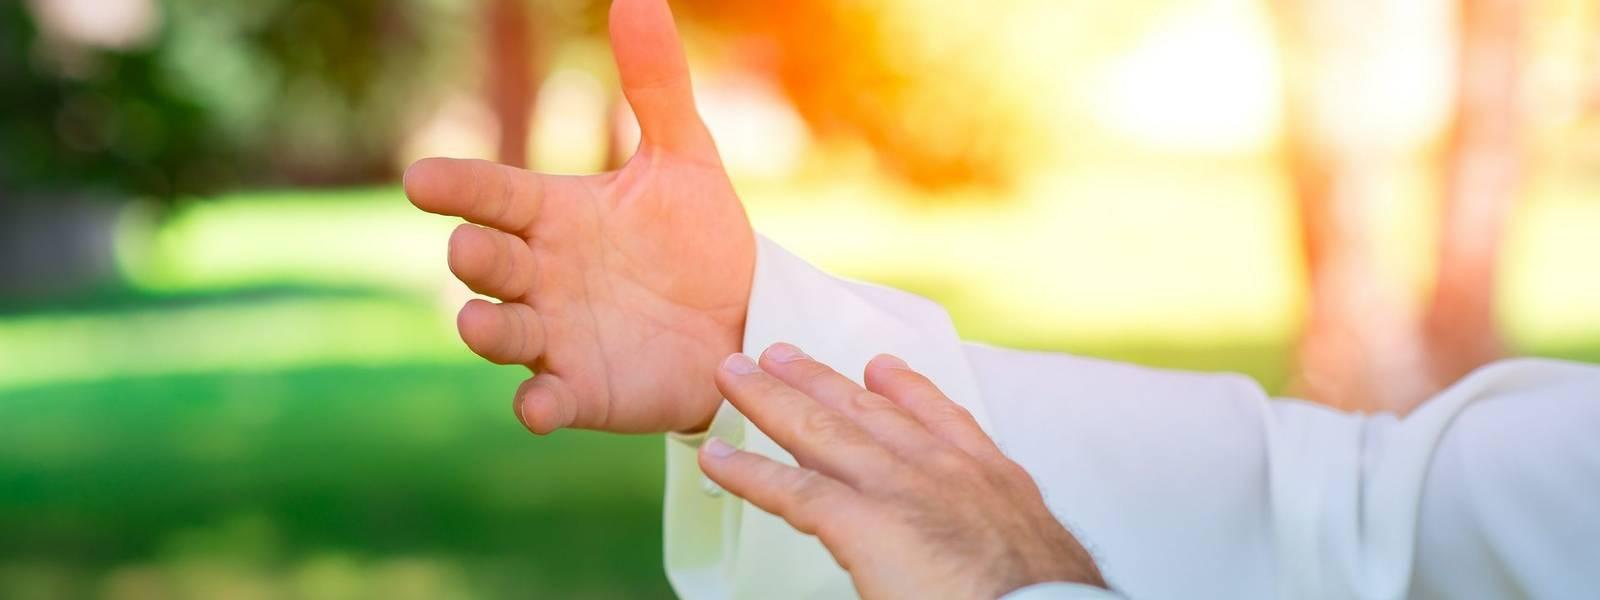 Tai chi chuan hands